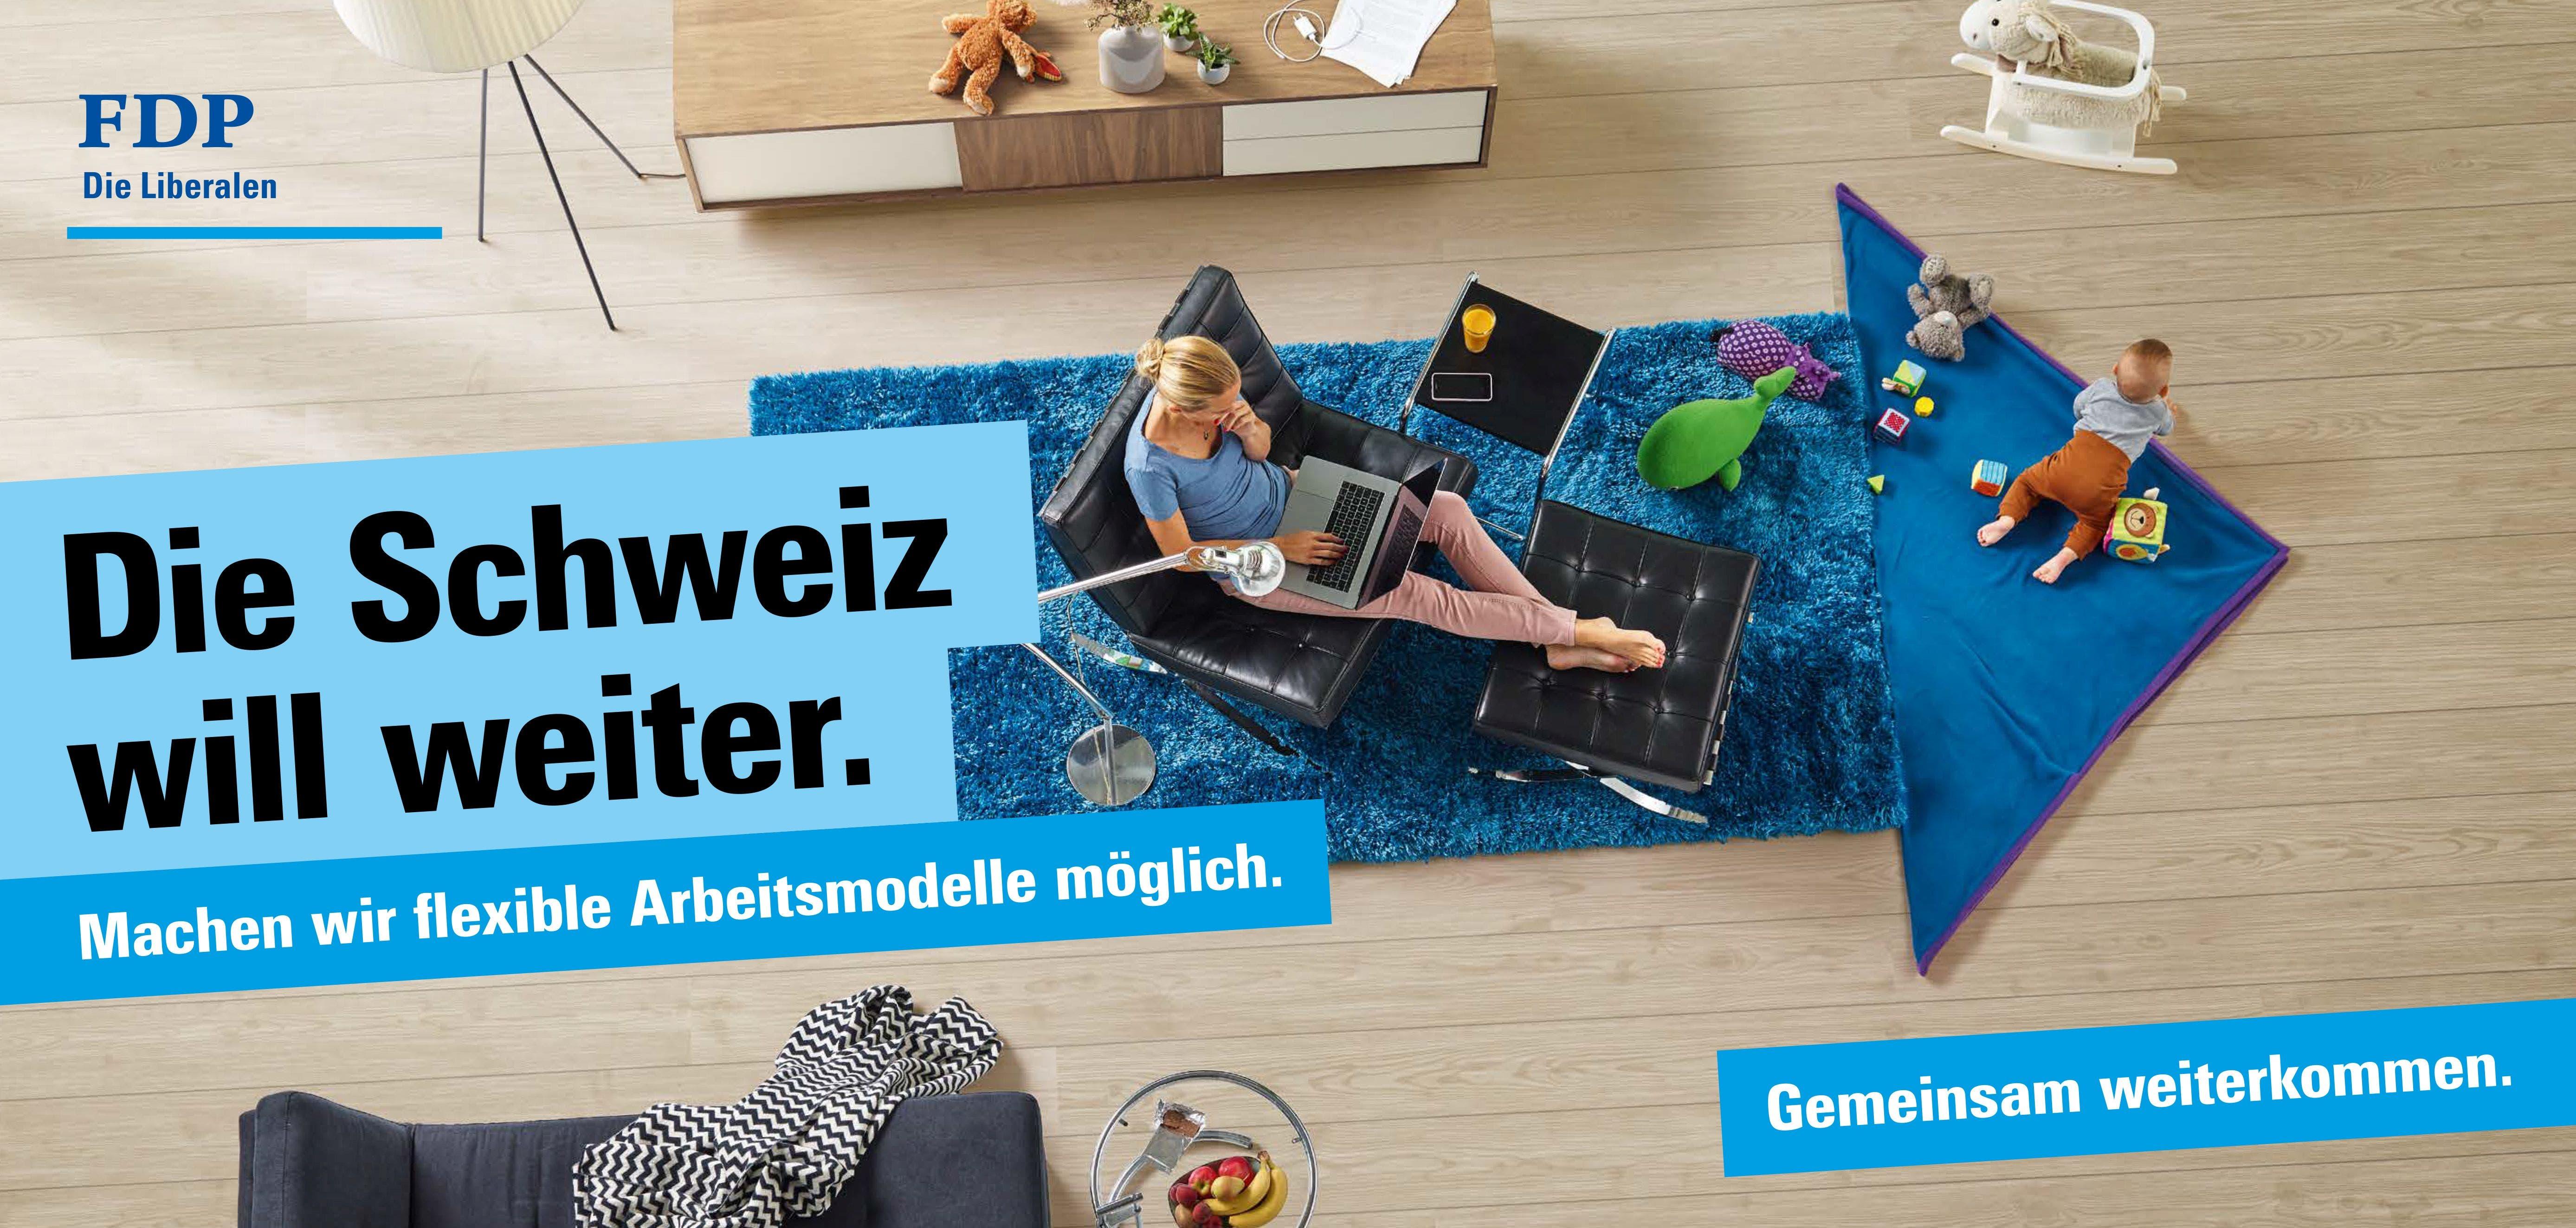 Die FDP thematisiert in ihrer Plakatkampagne flexible Arbeitsmodelle für eine bessere Vereinbarkeit von Beruf und Familie. (Bild: FDP)